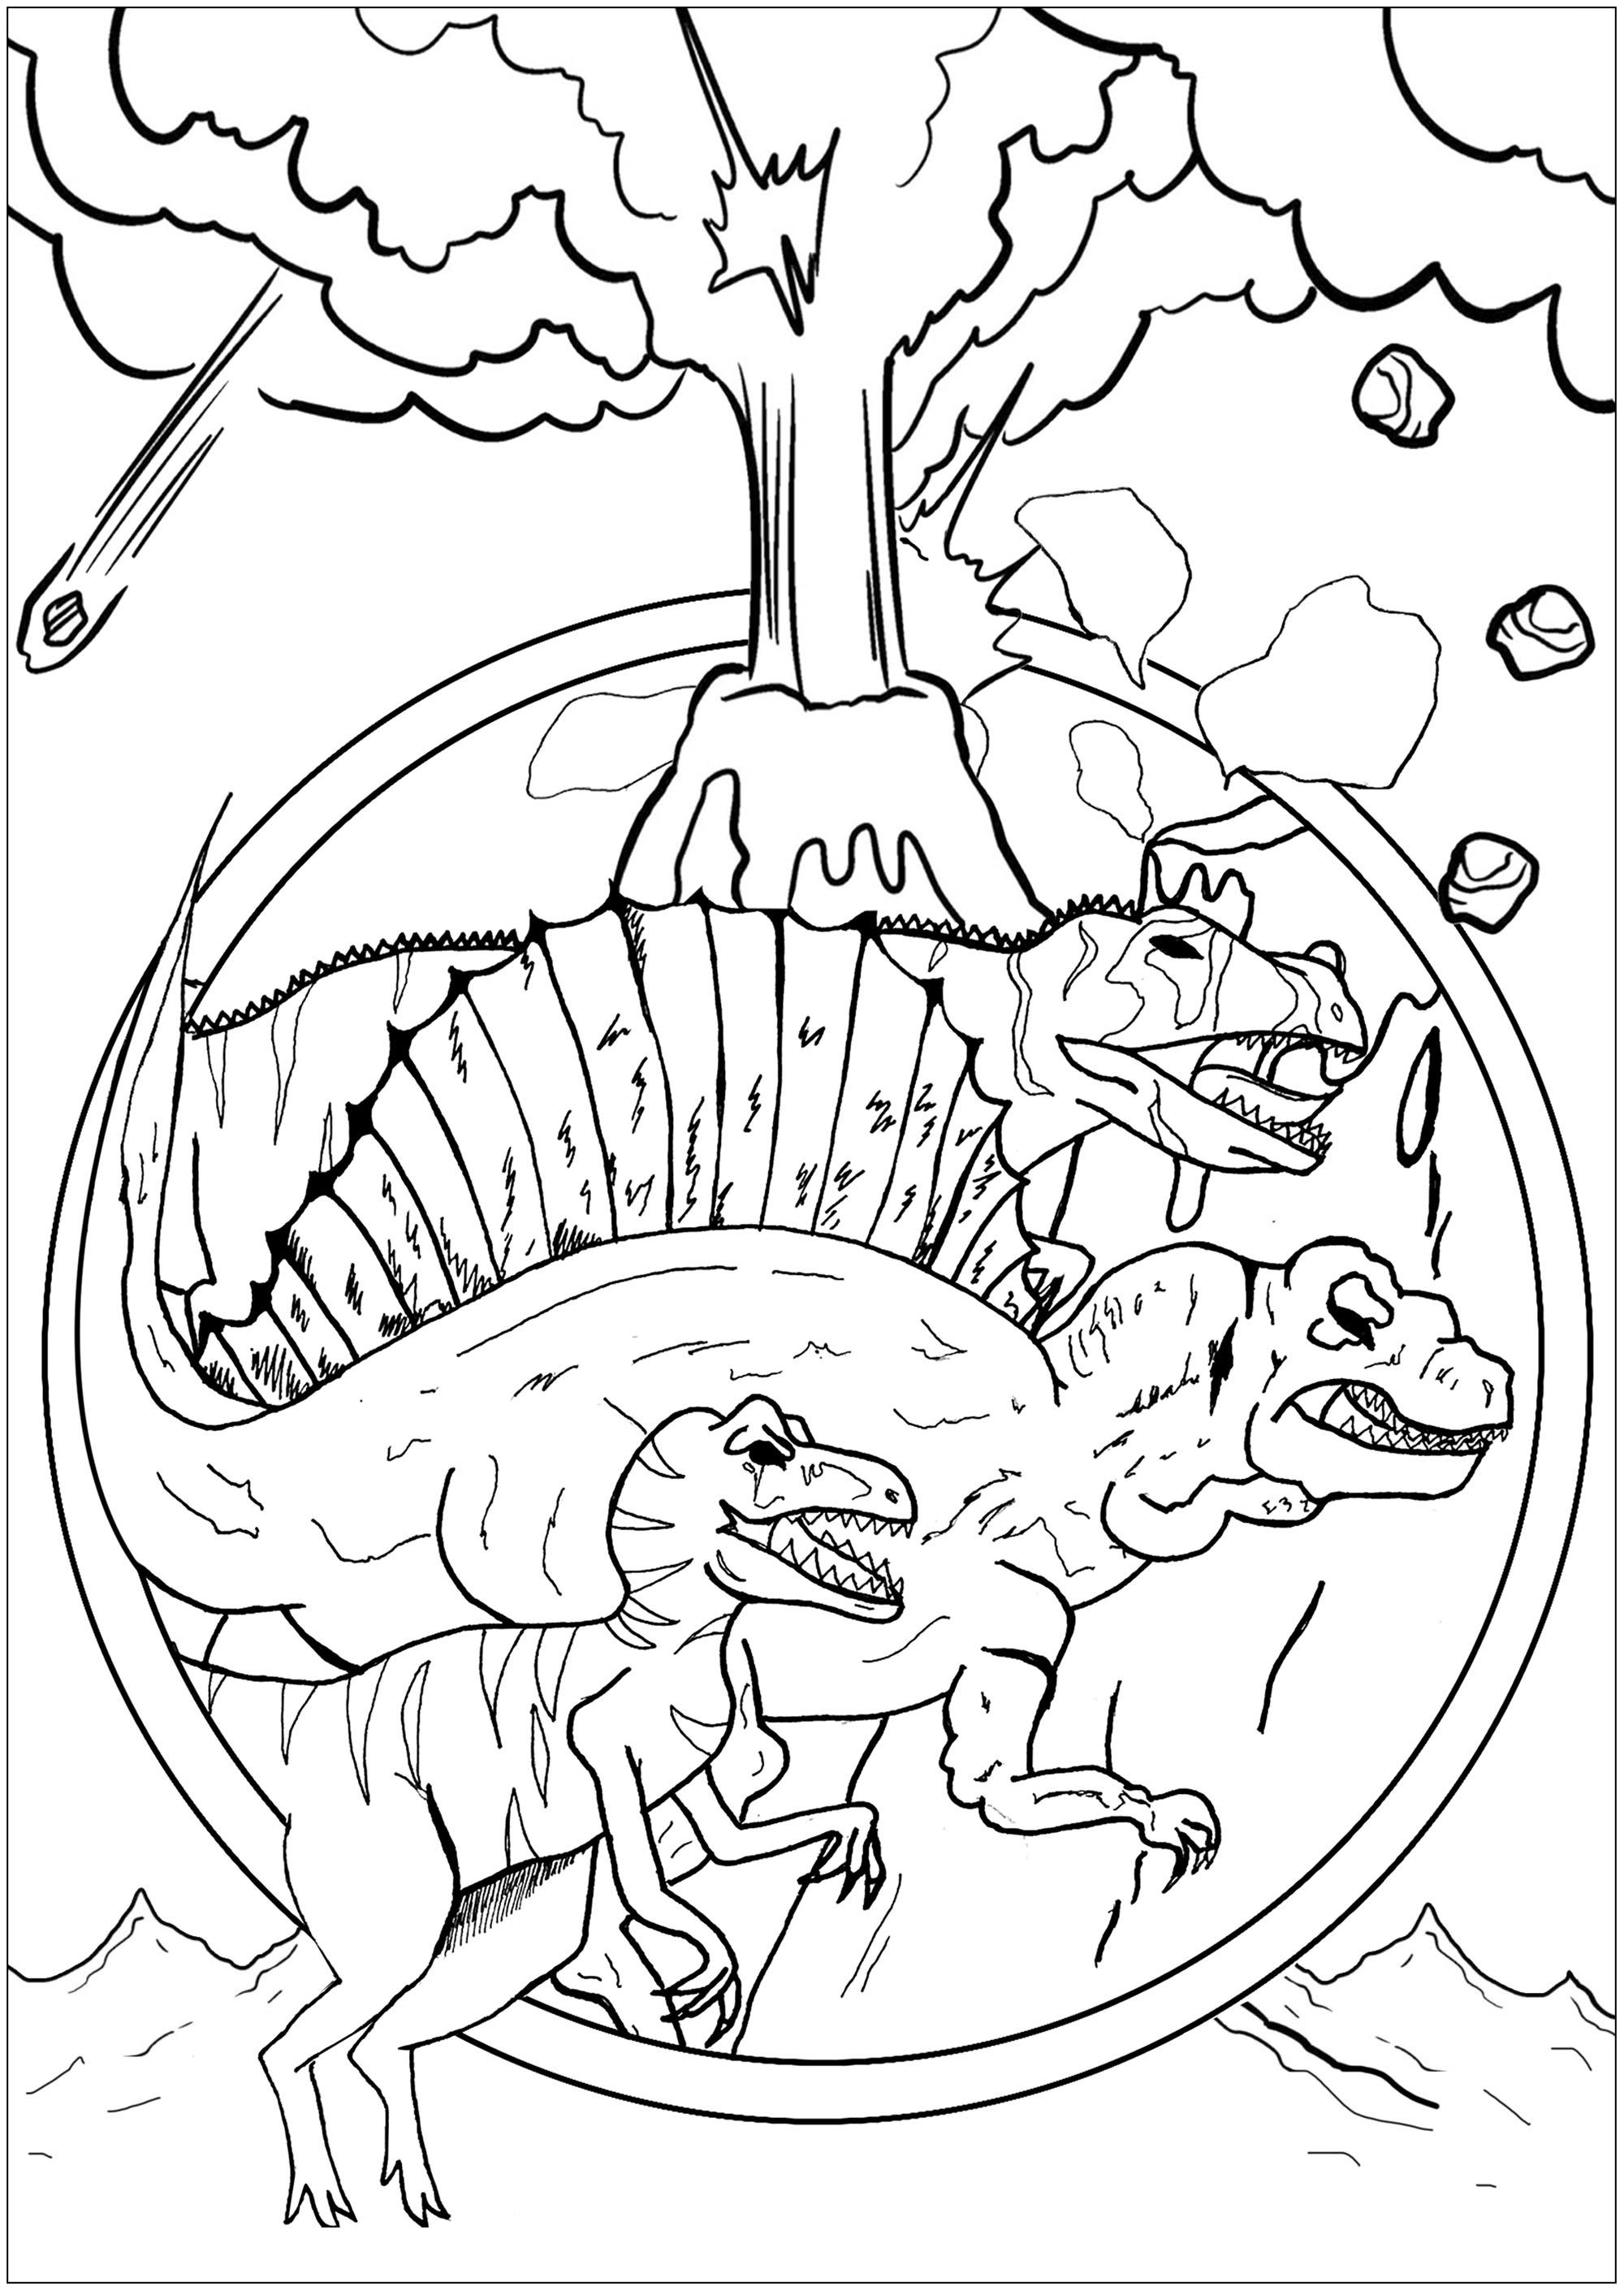 Trois dinosaures (Vélociraptor, Spinosaurus et Eocarcharia) menacés par un volcan en éruption